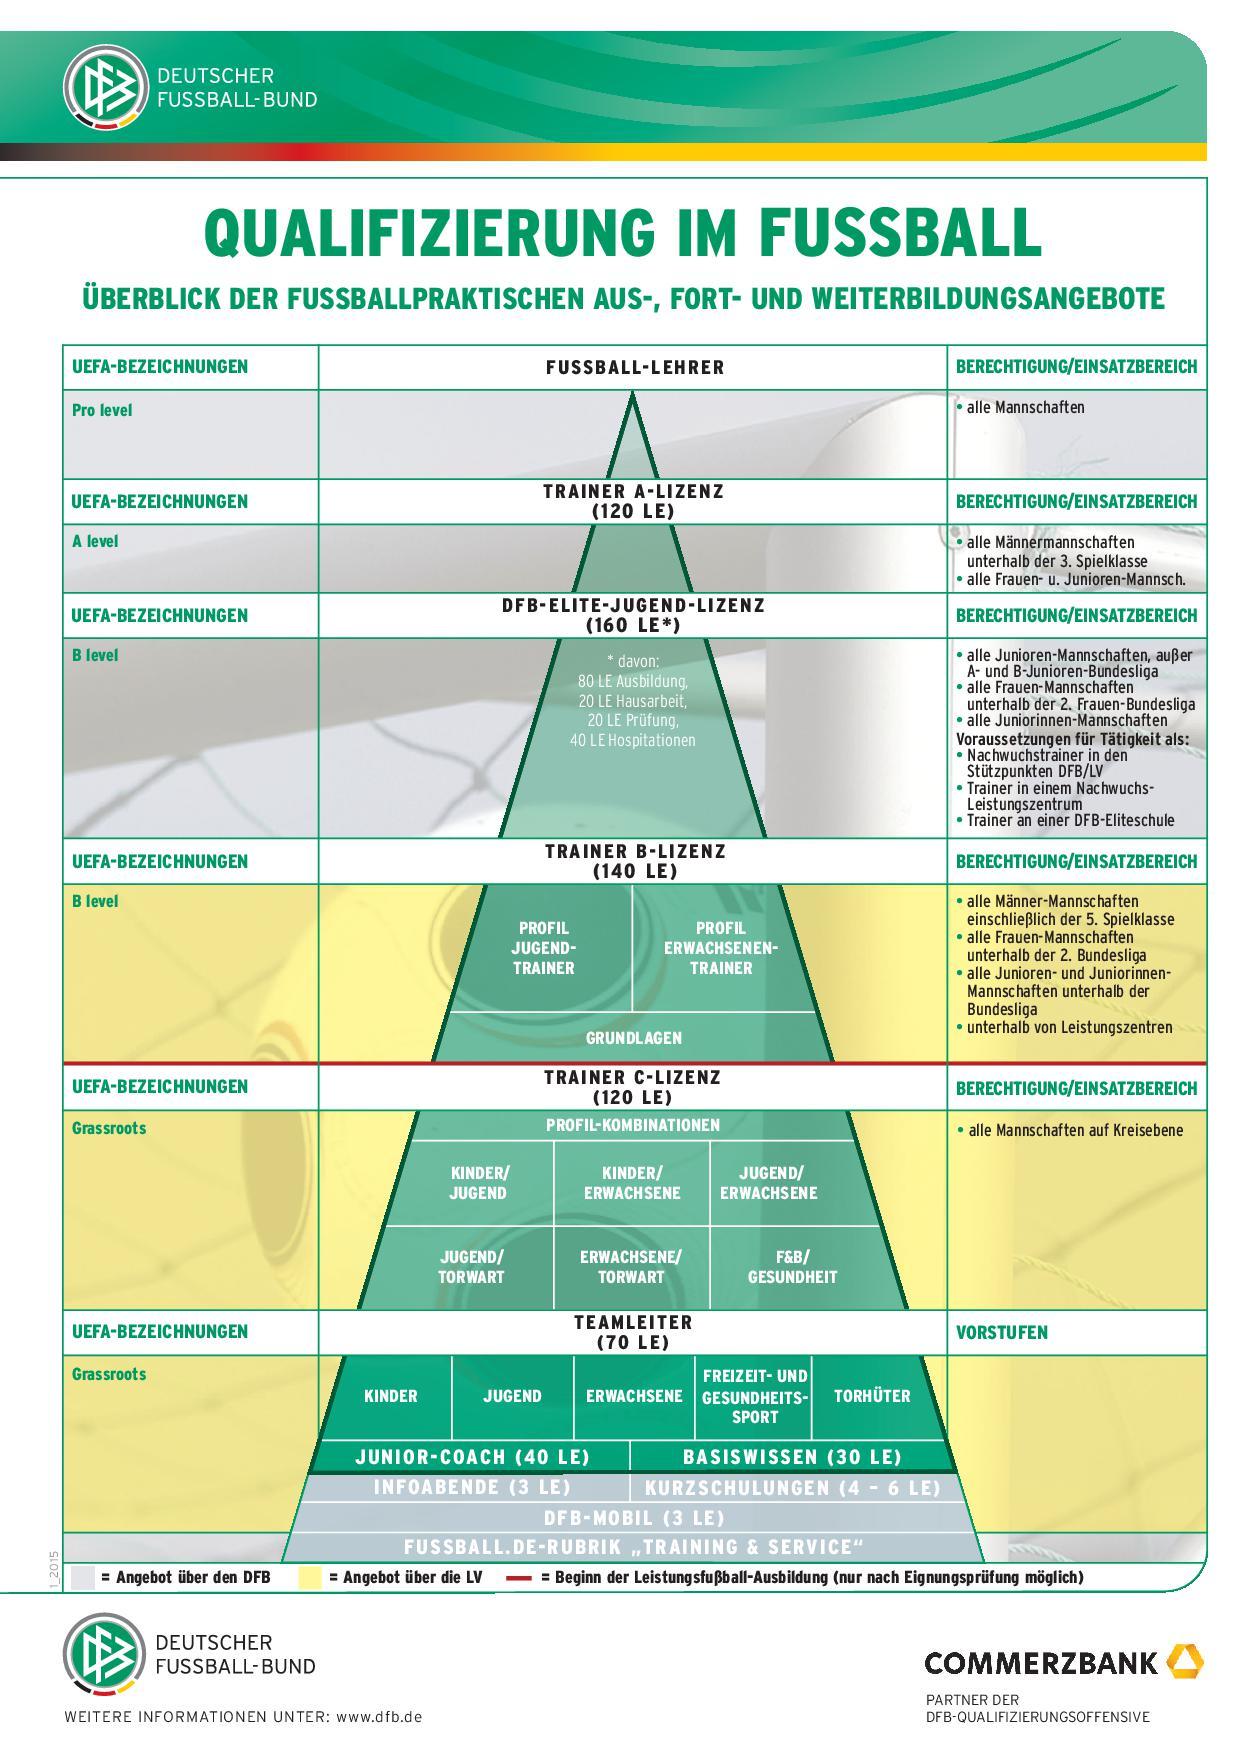 Qualifizierungspyramide ab 2015